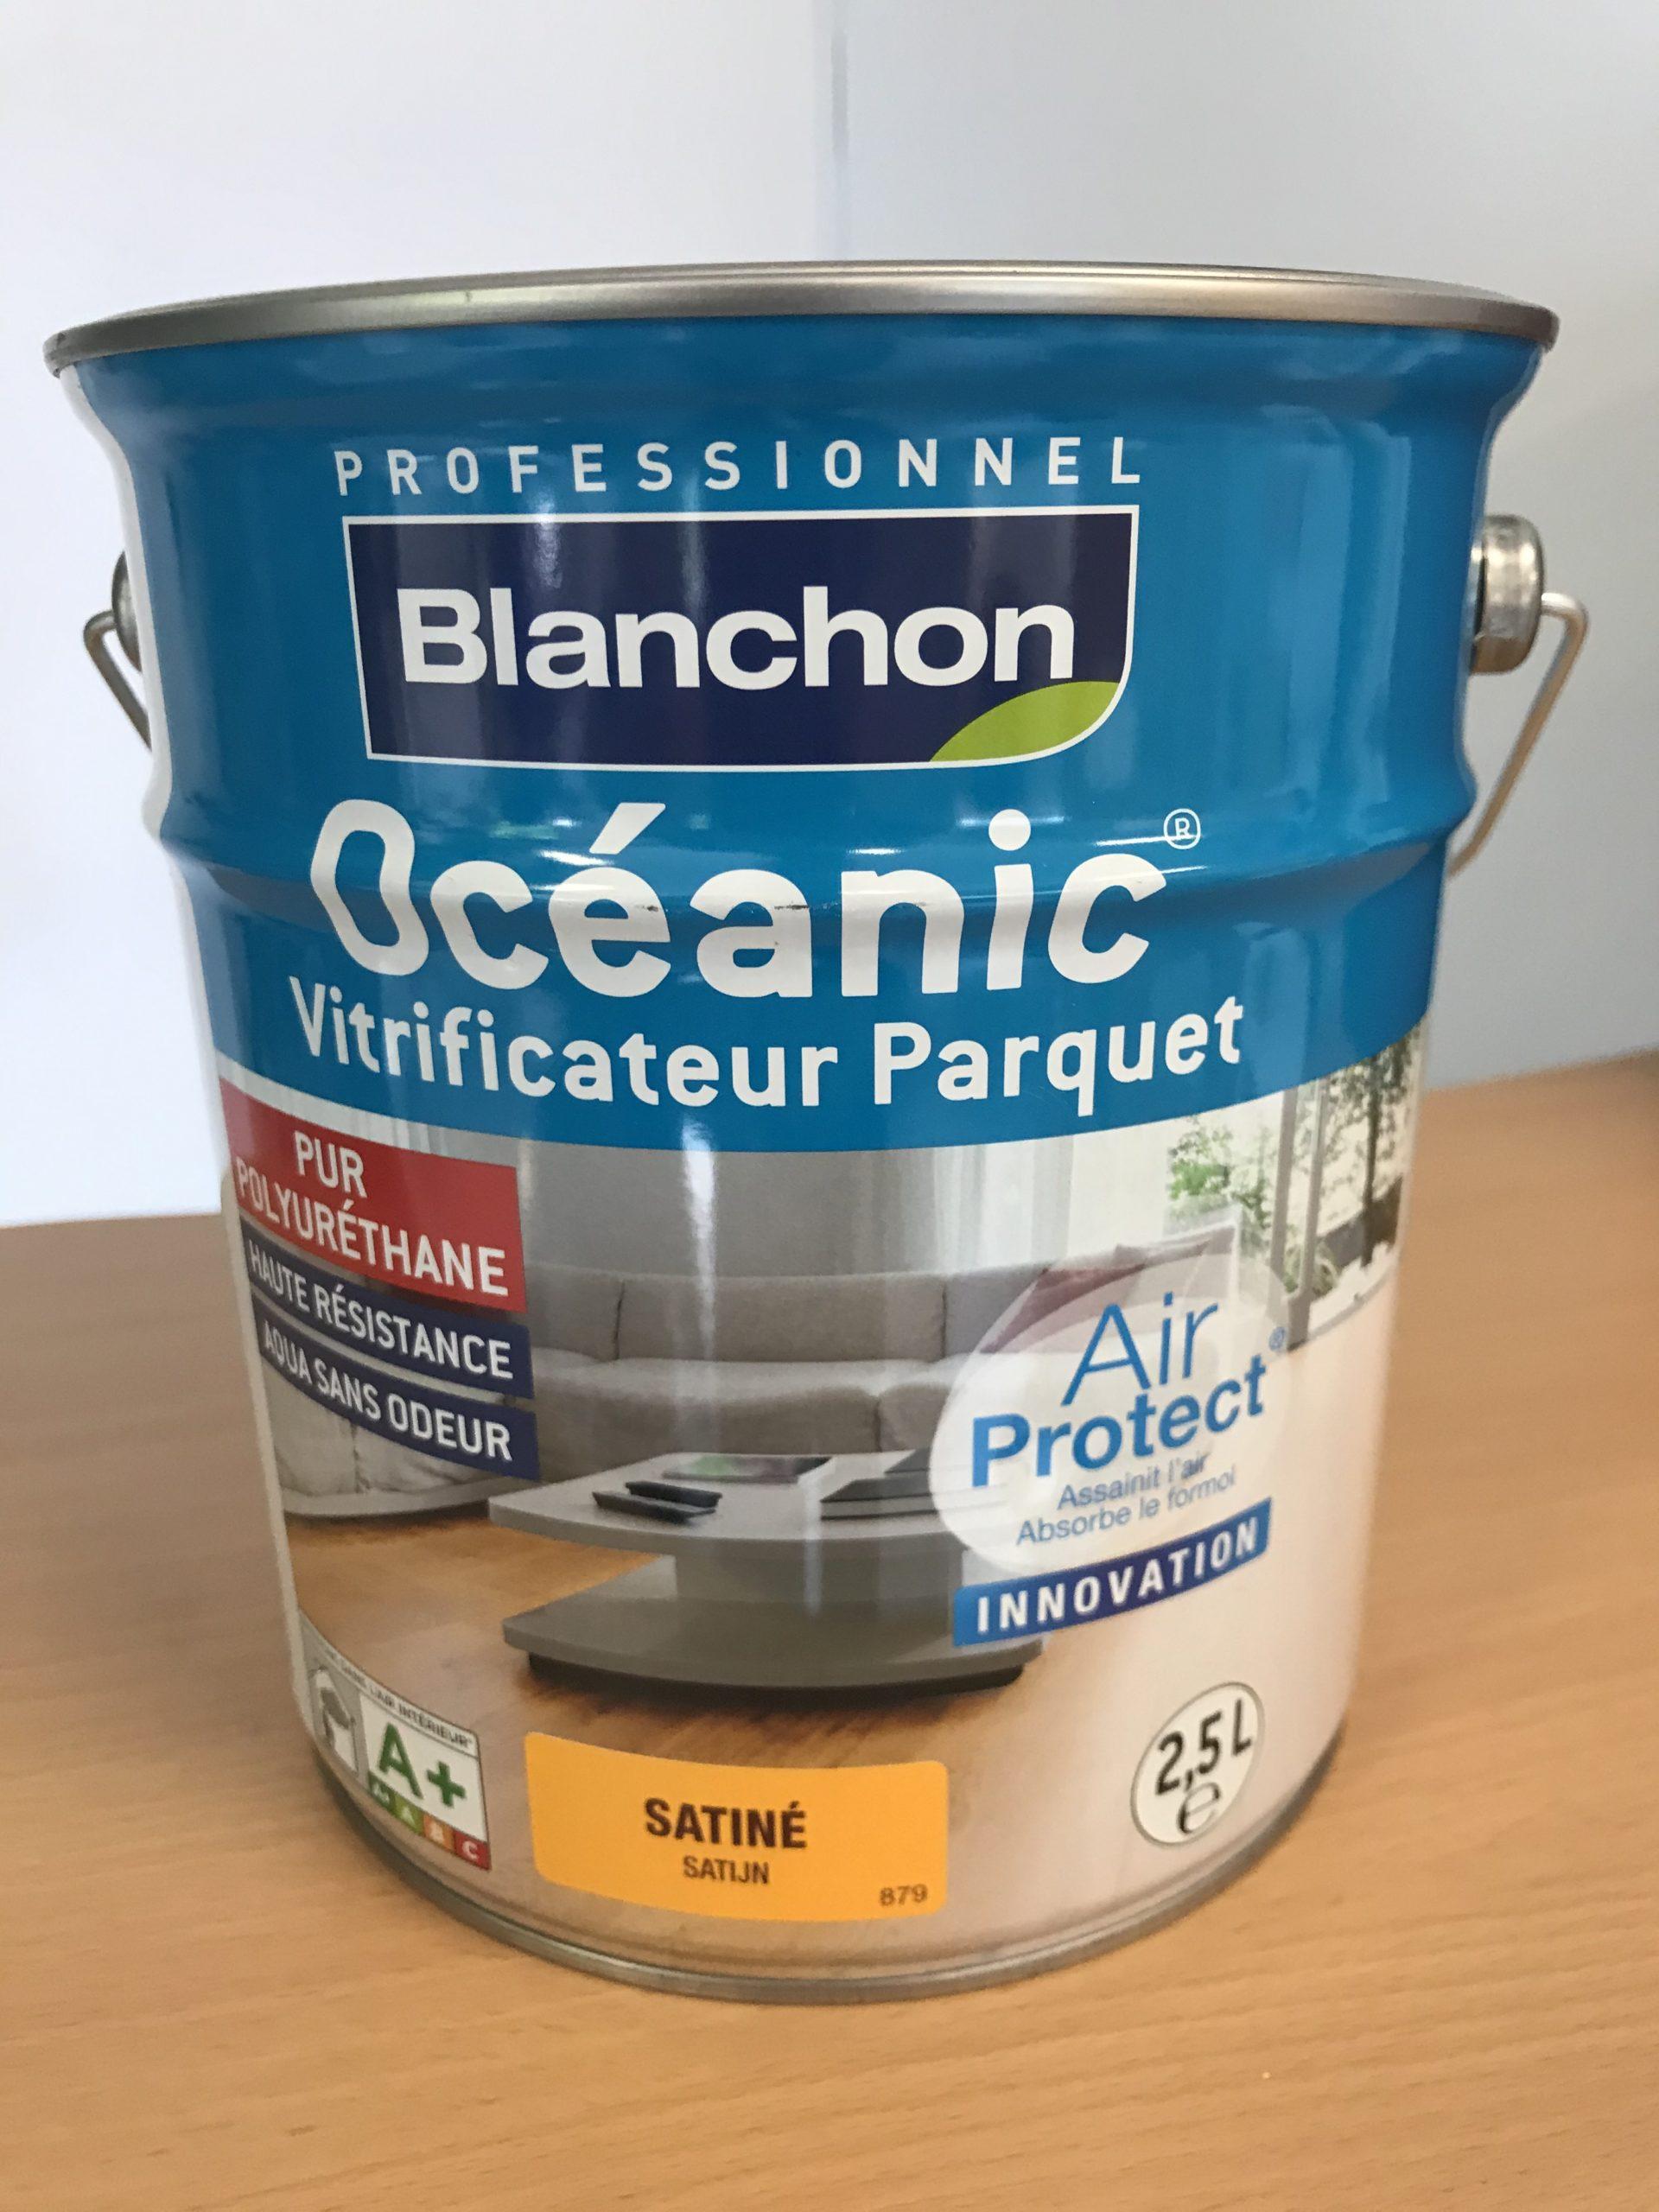 Océanic Vitrificateur parquets Blanchon